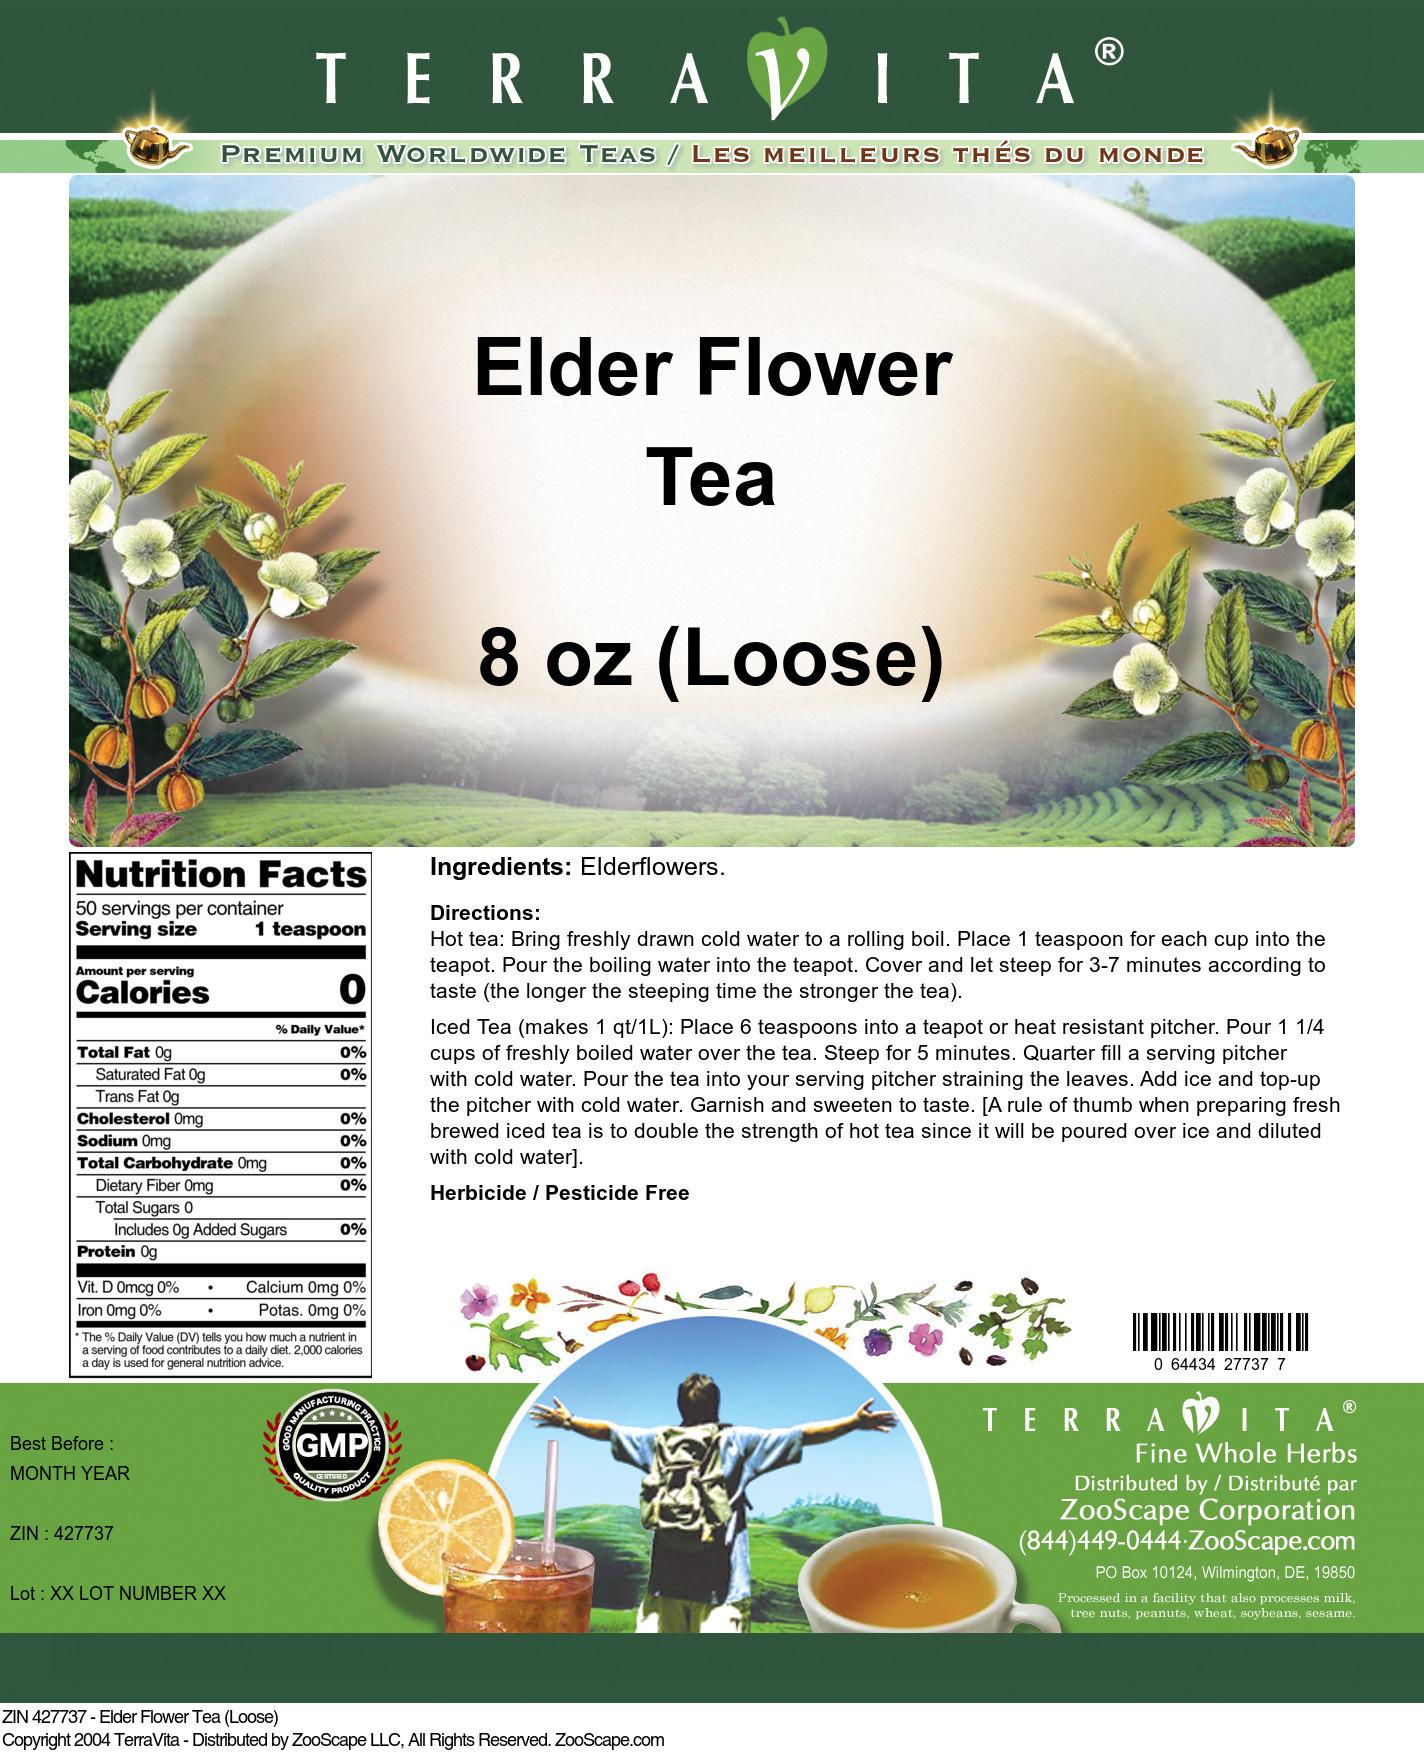 Elder Flower Tea (Loose)